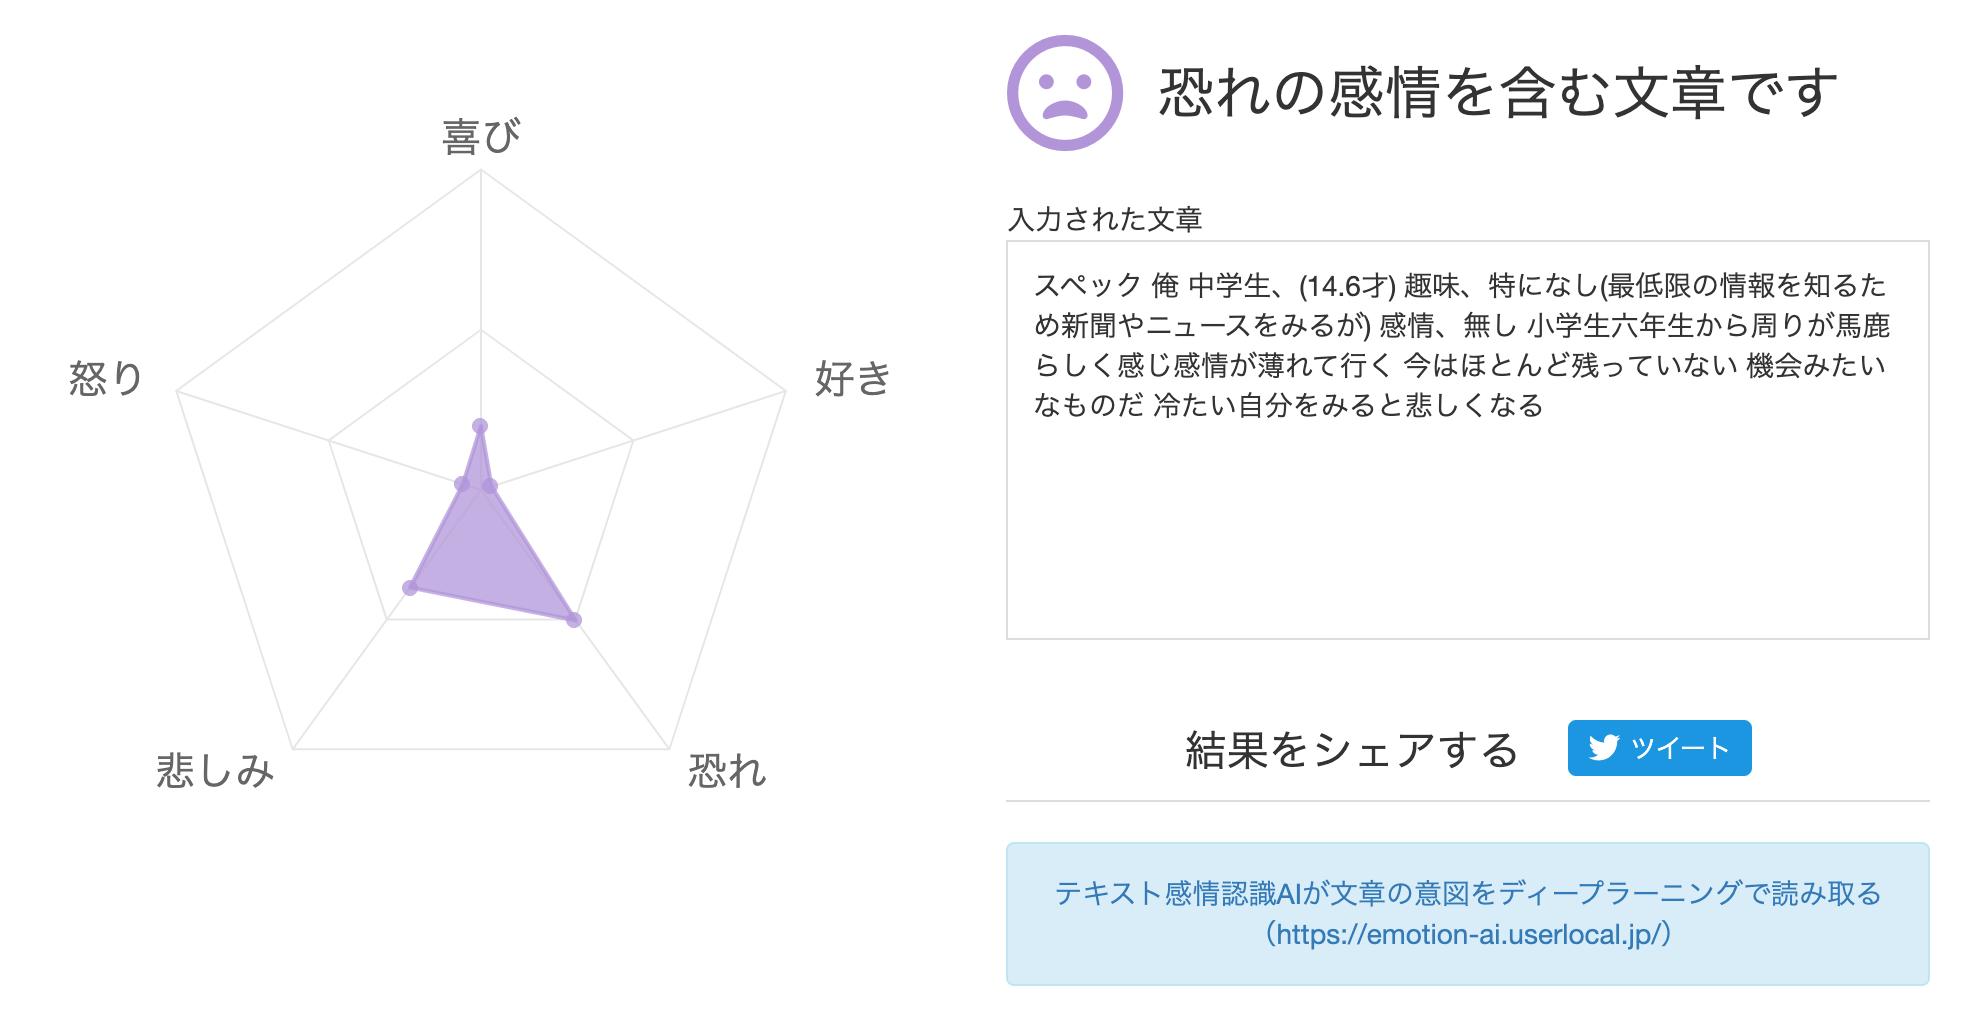 スクリーンショット 2020-03-04 0.43.36.png